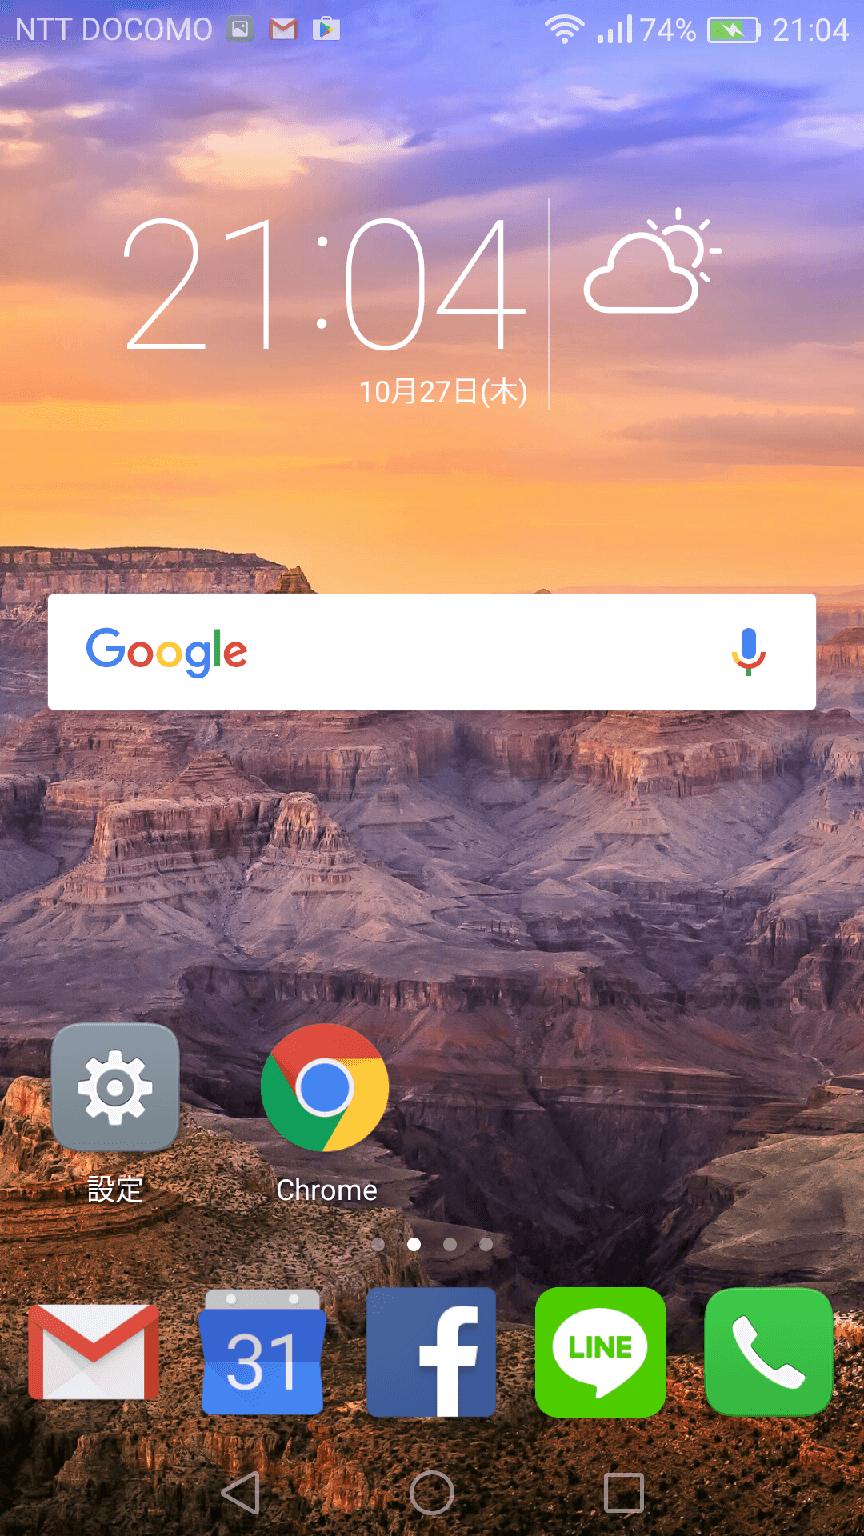 [壁紙]アプリの壁紙表示画面